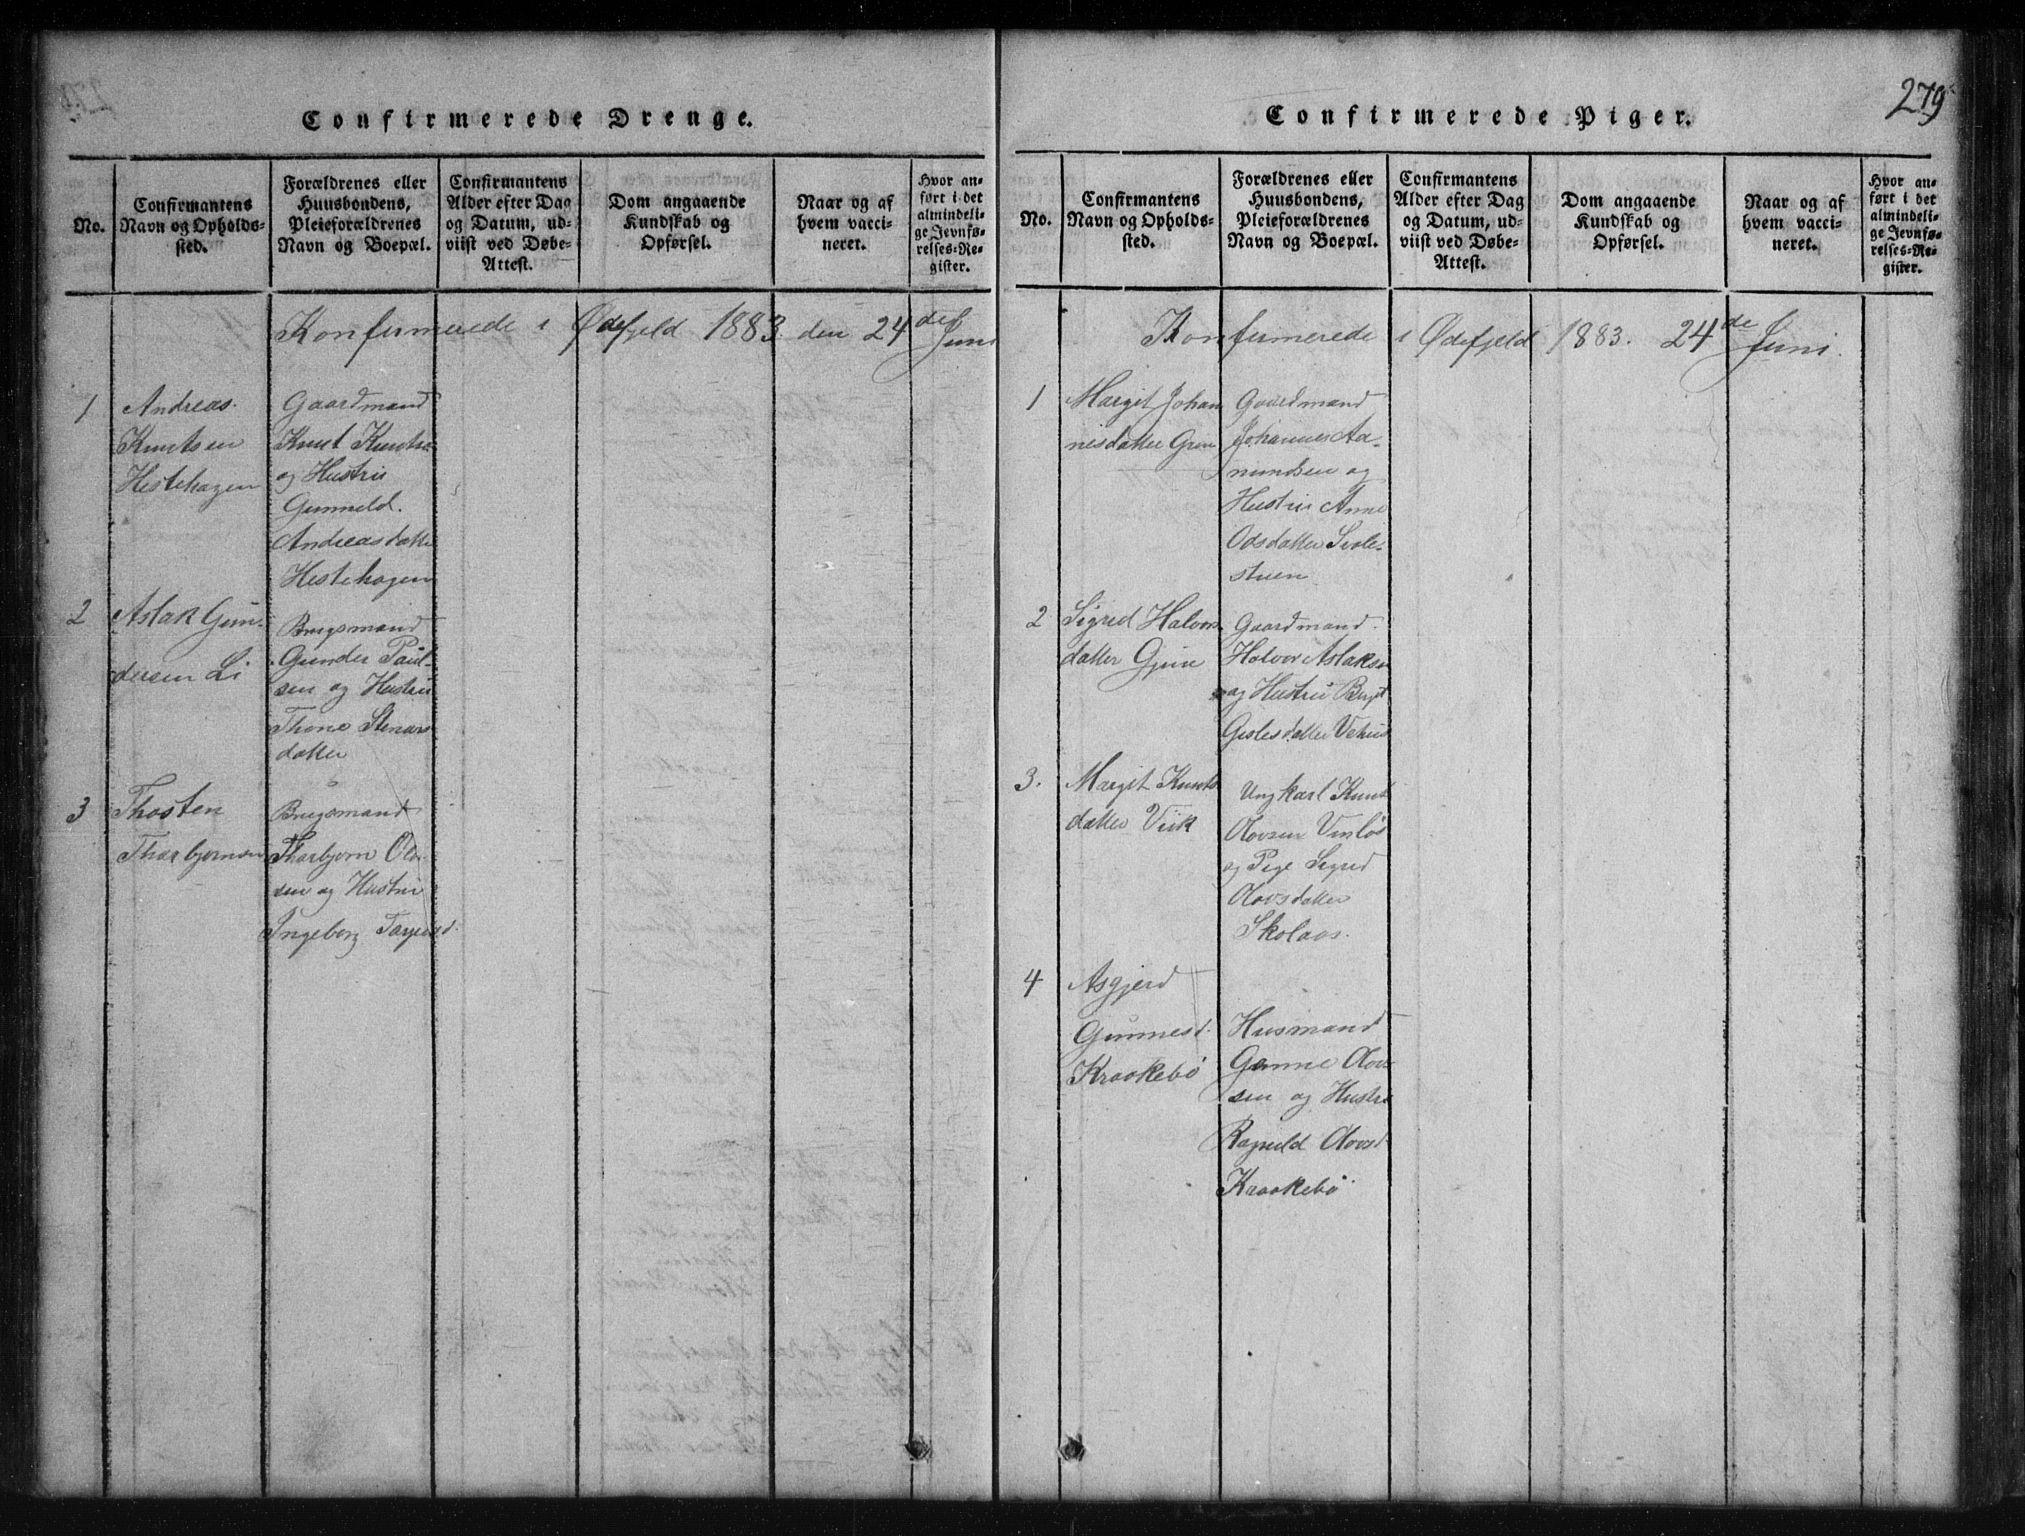 SAKO, Rauland kirkebøker, G/Gb/L0001: Klokkerbok nr. II 1, 1815-1886, s. 279